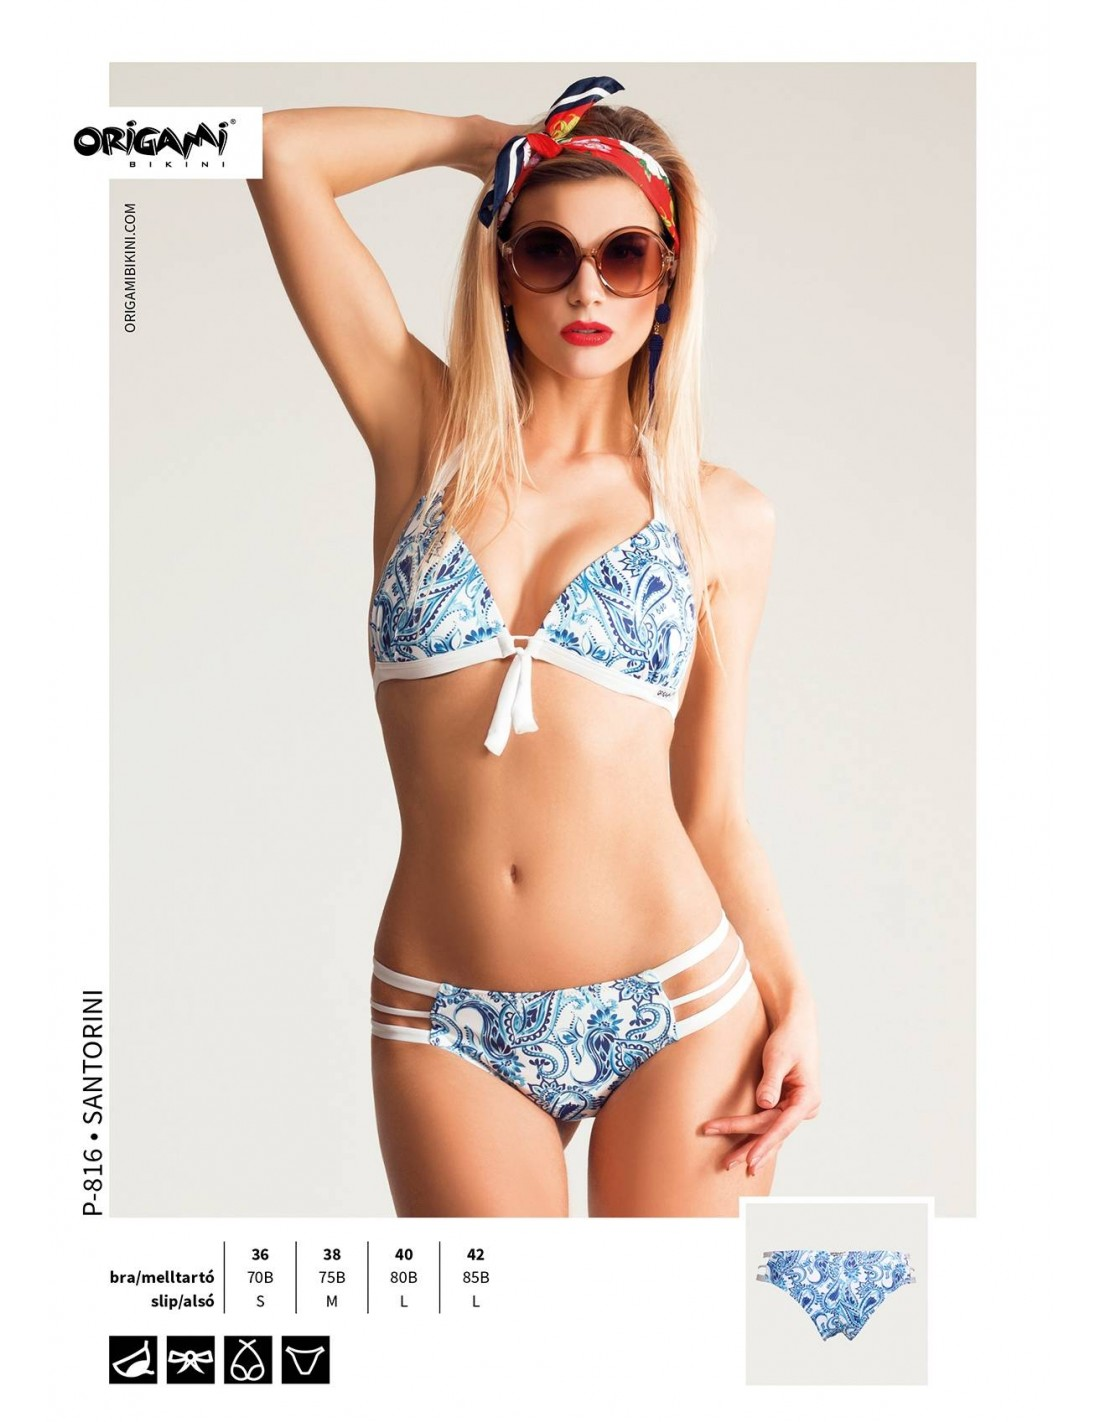 ... Origami Bikini P-816 Hódi Pamela fürdőruha ... 32c6102fcd